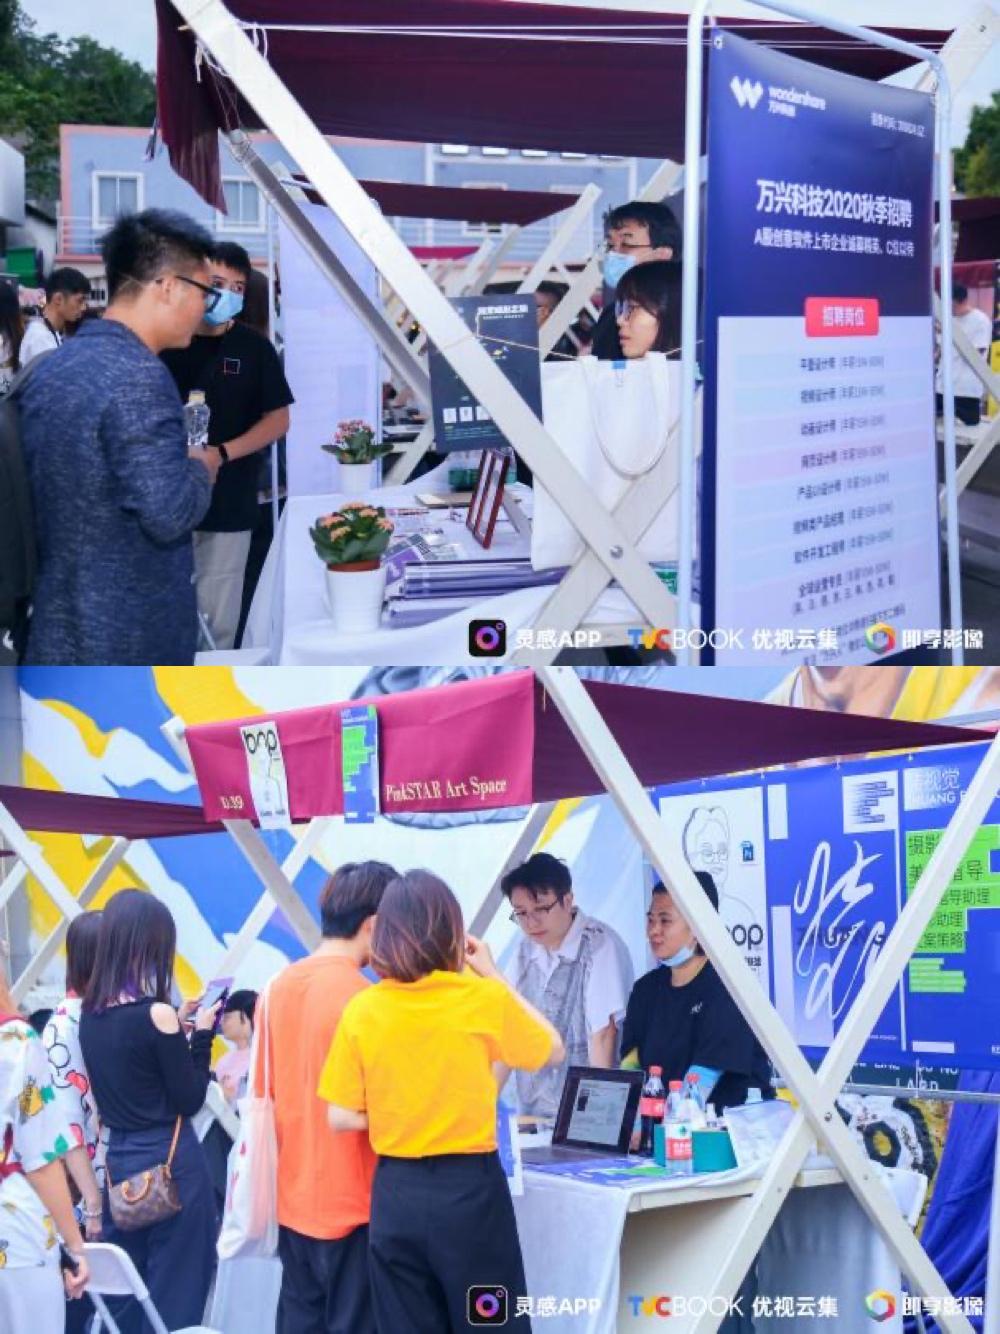 奇趣生活有灵感,2020广州灵感创意节顺利举办